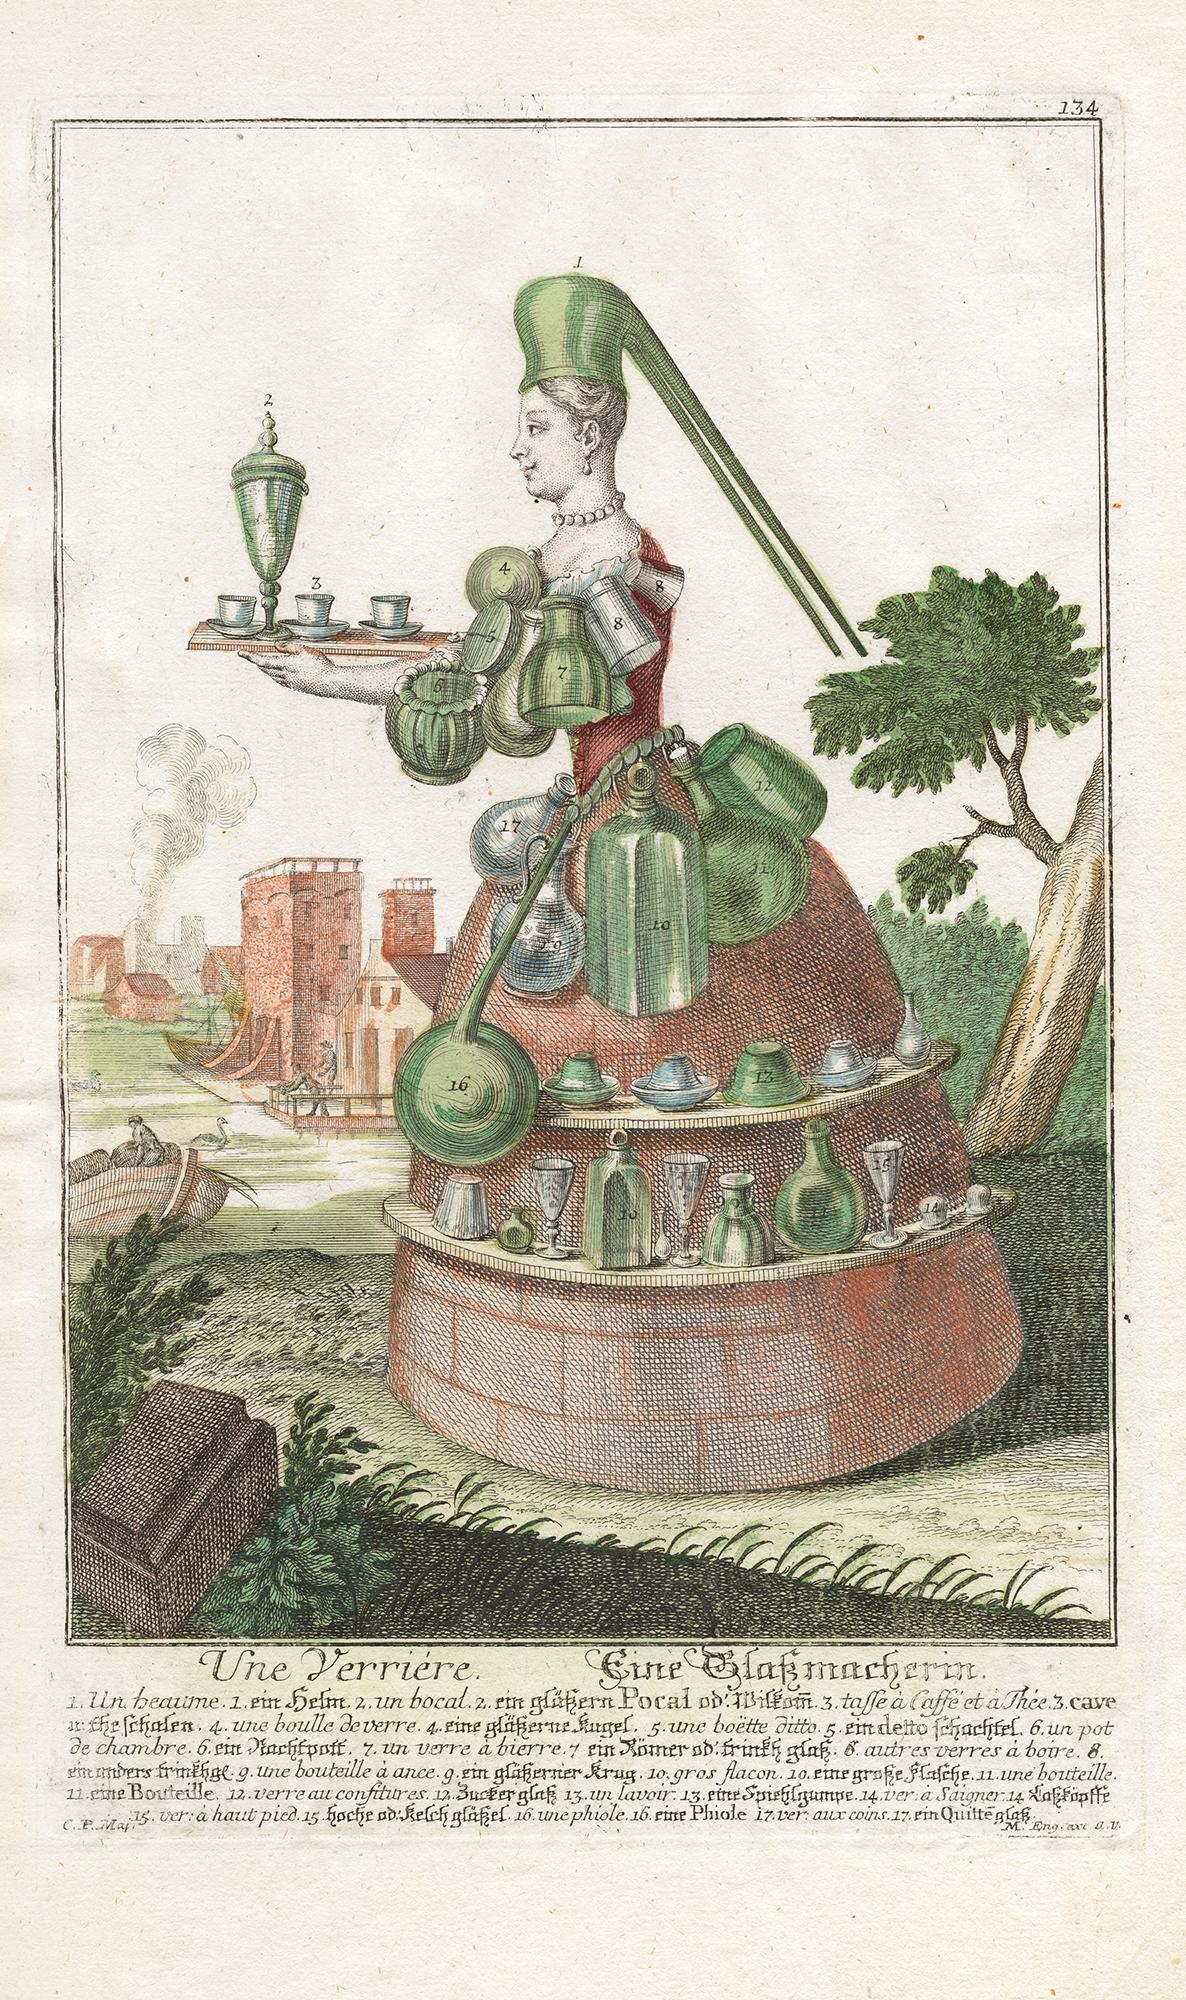 Une verriere/Eine Glassmacherin